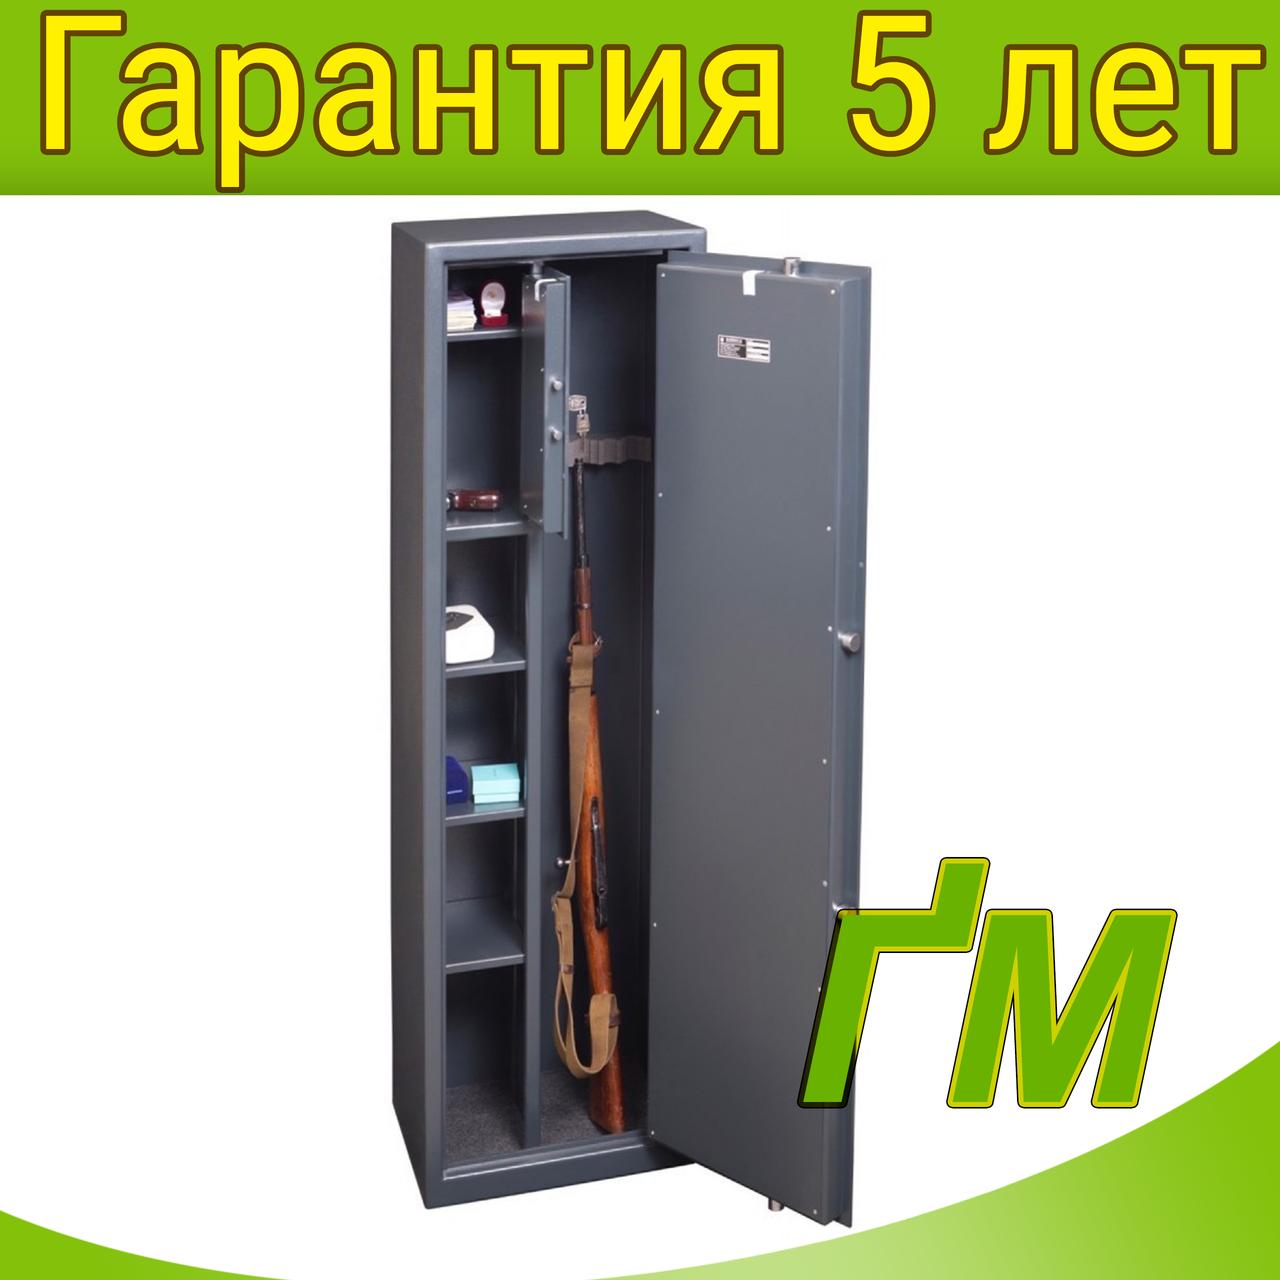 Сейф оружейный G.450.K (1512х450х350мм)